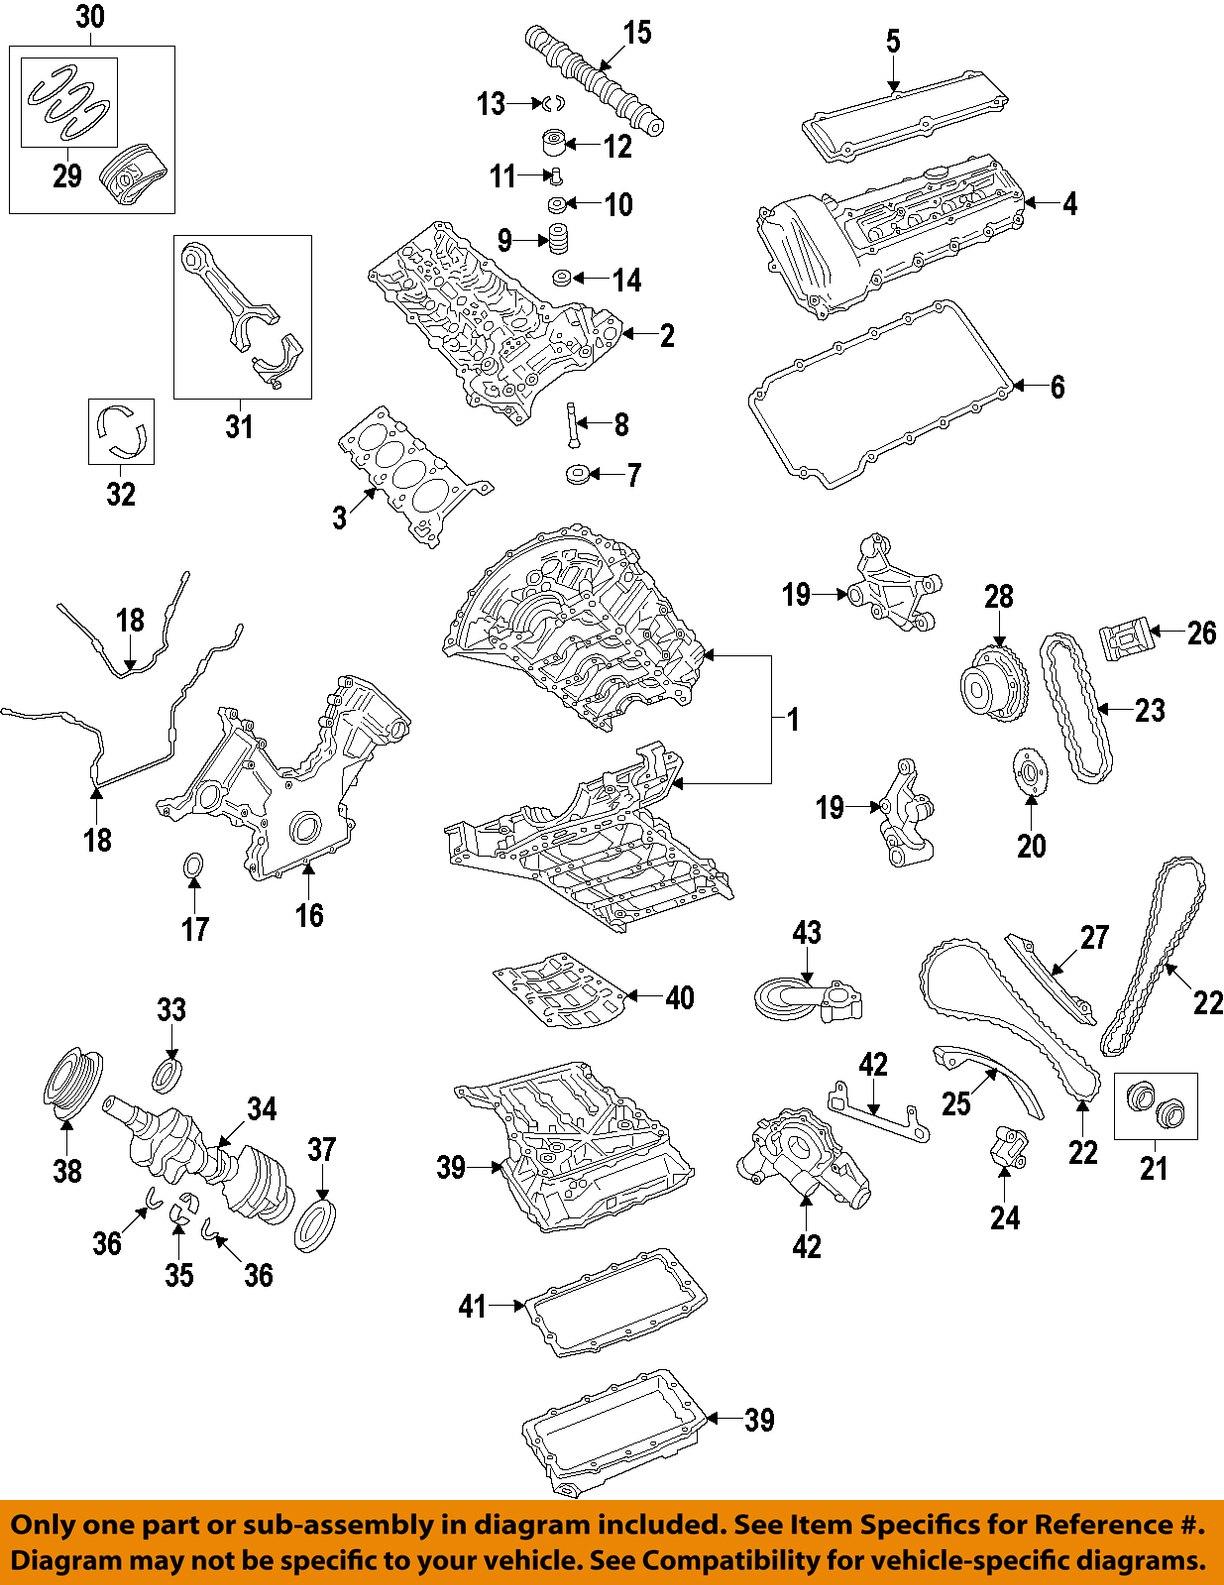 jaguar xj8 engine diagram books of wiring diagram \u2022 jaguar xk engine diagram jaguar oem 98 09 xj8 engine timing chain tensioner c2a1511 1999 jaguar xj8 engine diagram jaguar